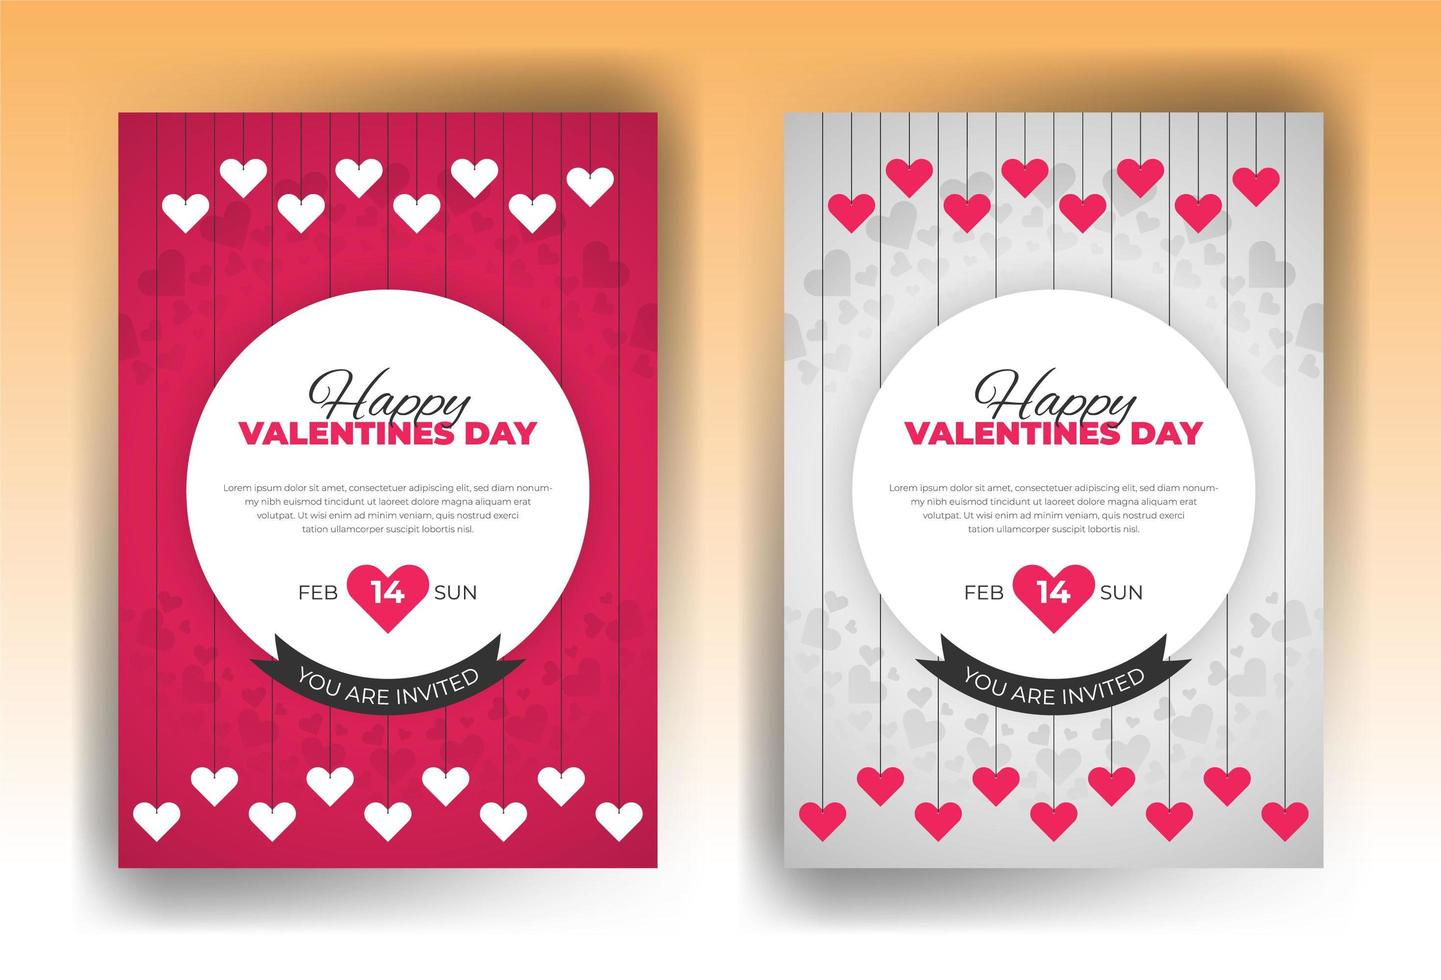 plantilla de diseño de tarjeta de invitación del día de san valentín vector